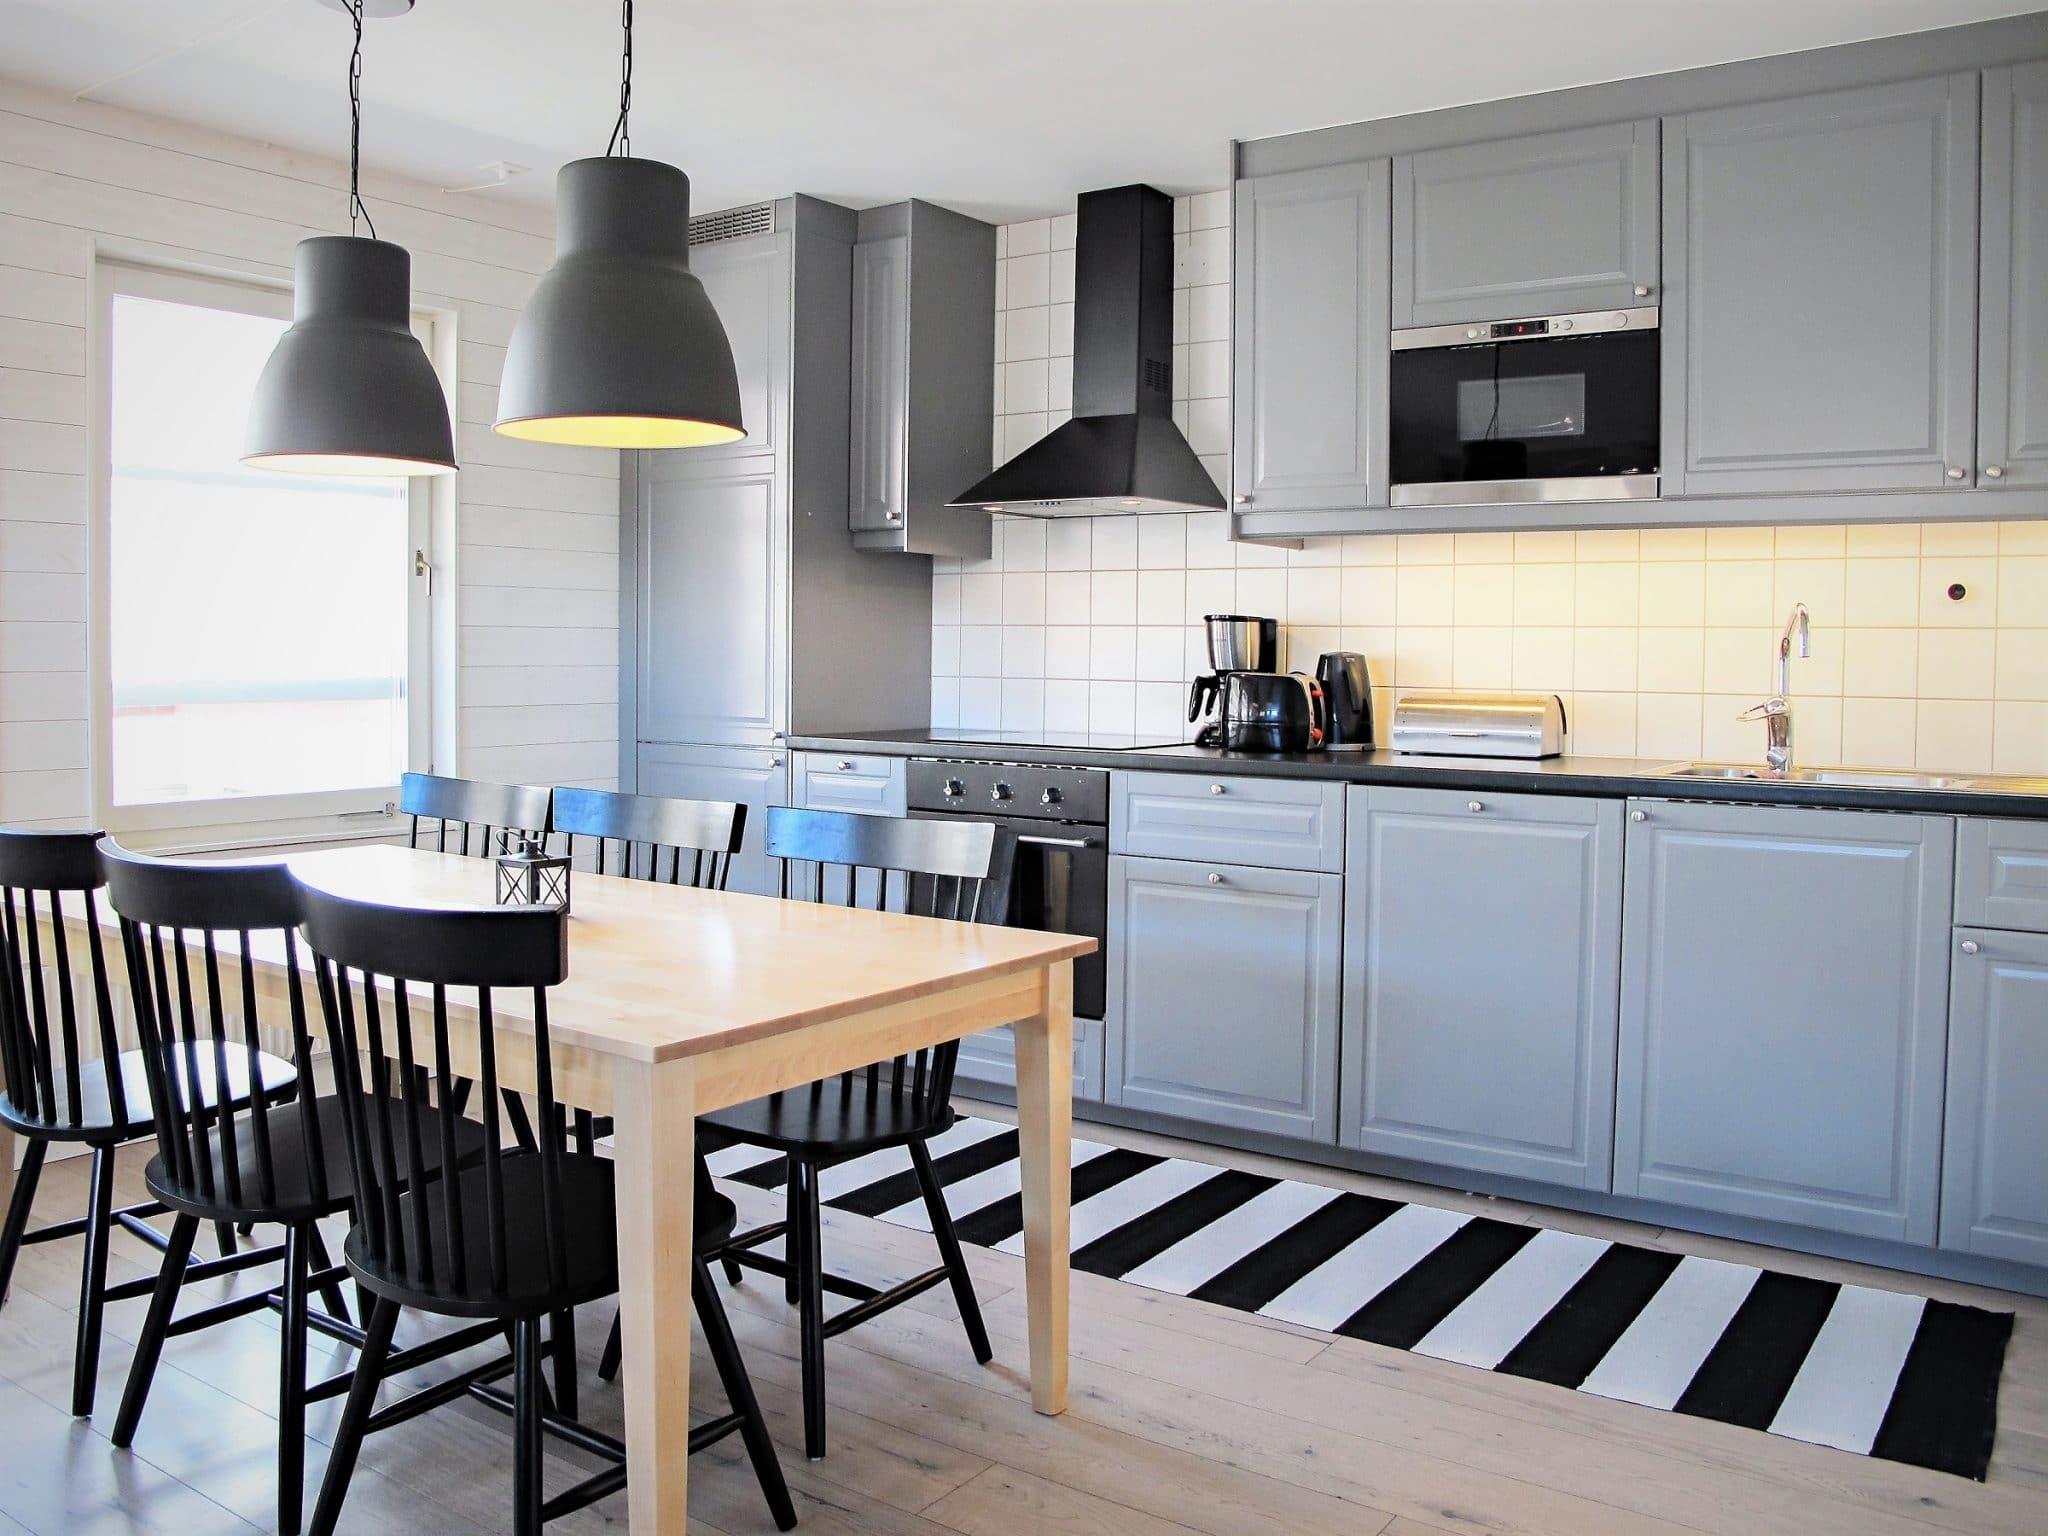 Kök i modern stil med spishäll, inbyggd ugn och skåpluckor i grå nyans.